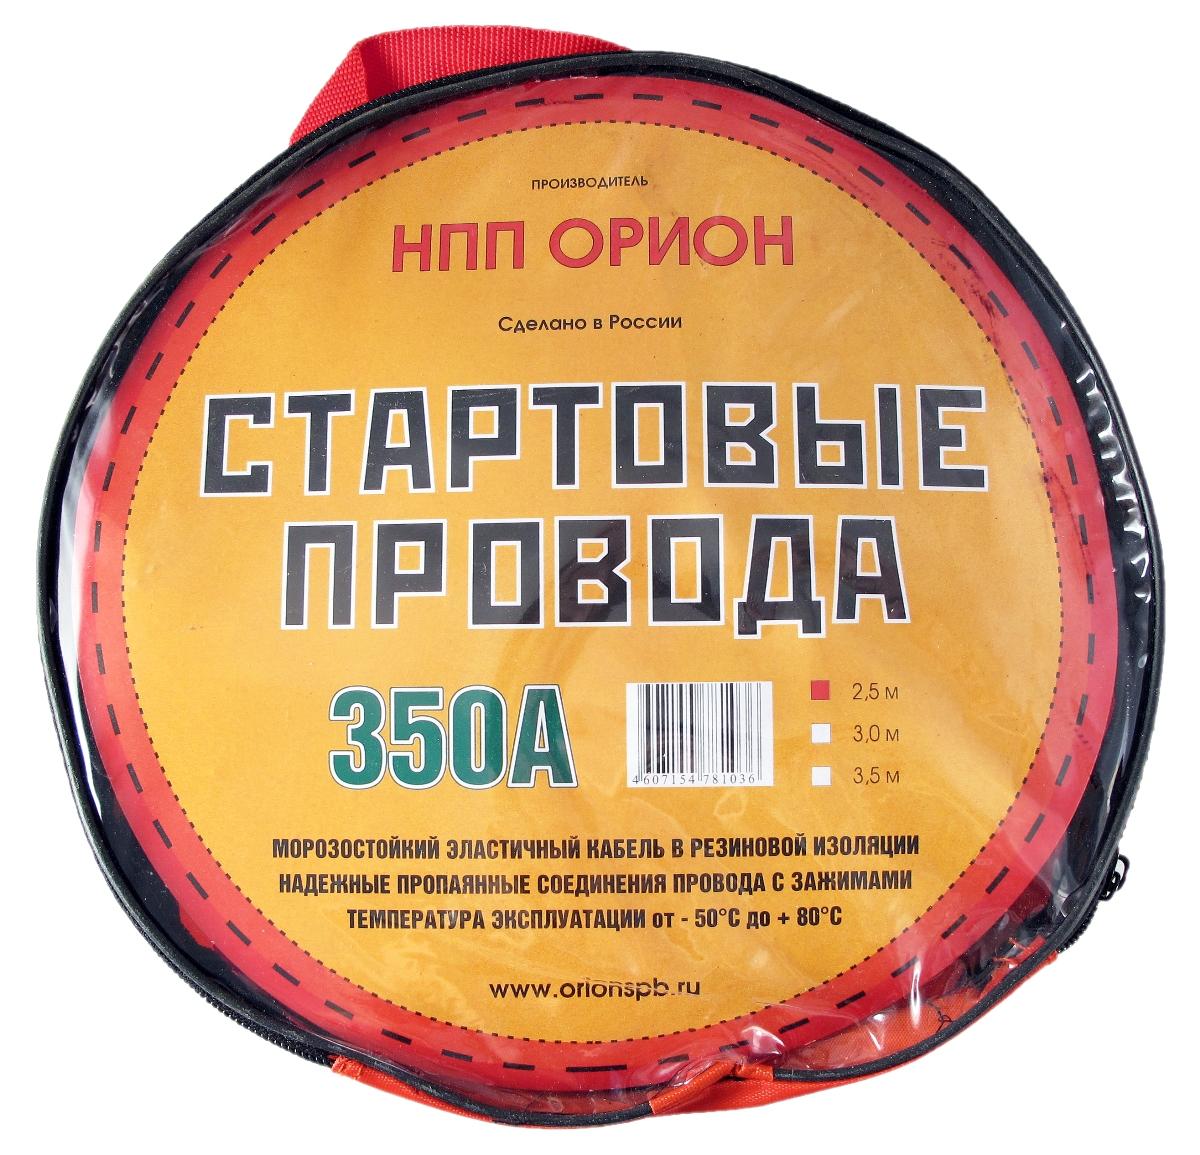 Стартовые провода Орион, хладостойкие, в сумке, 350А, 2,5 м5038НАЗНАЧЕНИЕ Стартовые провода предназначены для соединения одноименных клемм аккумуляторов автомобилей для того, чтобы осуществить дополнительную подпитку стартера в автомобиле с разряженной аккумуляторной батареей или загустевшим от мороза маслом. Применяются для запуска двигателей легковых и грузовых автомобилей при низкой температуре воздуха в холодное время года, а также после длительного хранения автомобиля, вызвавшего саморазряд аккумуляторной батареи. ОСОБЕННОСТИ -Морозостойкий эластичный кабель в резиновой изоляции - Многожильный медный проводник -Полностью изолированные зажимы -Надежные пропаянные соединения провода с зажимами -Температура эксплуатации от - 50° С до + 80° С ВАРИАНТЫ ИСПОЛНЕНИЯ 350 А........2,5 м; 3 м; 3,5 м